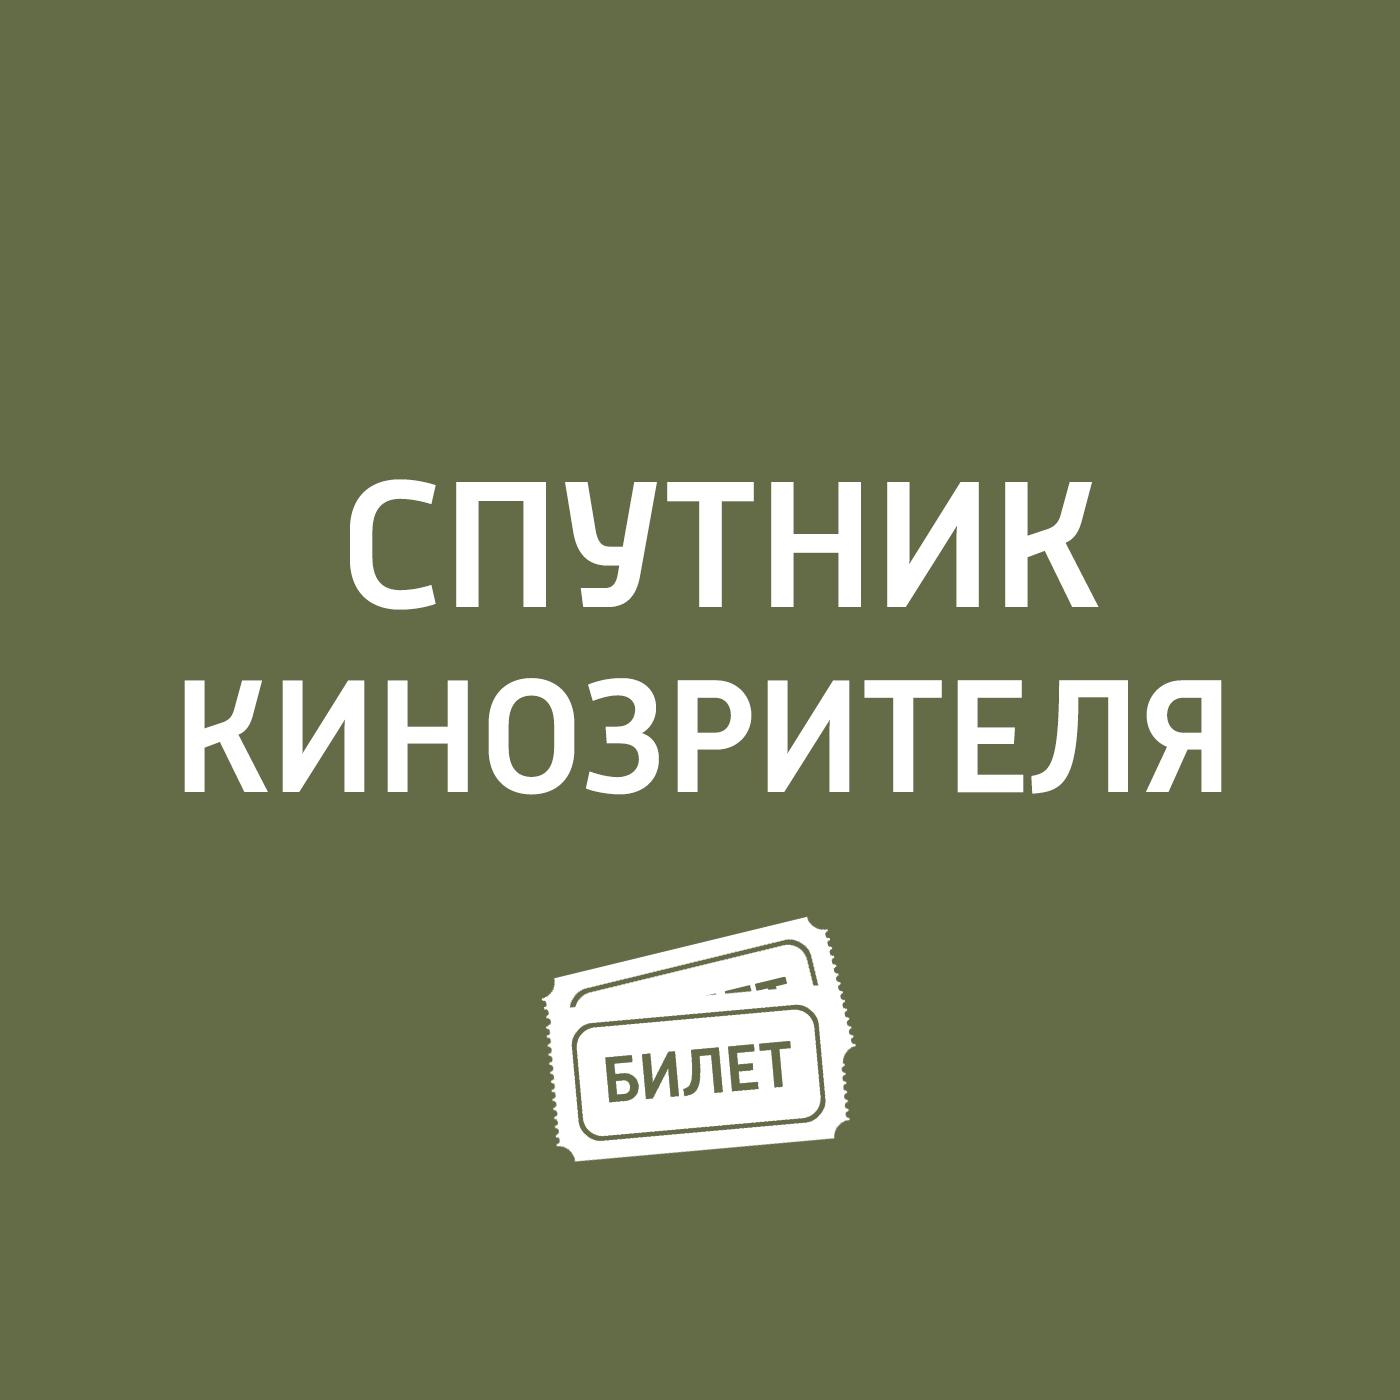 цена на Антон Долин Премьеры с 7 июня: Лето, Фокстрот, Красотка на всю голову